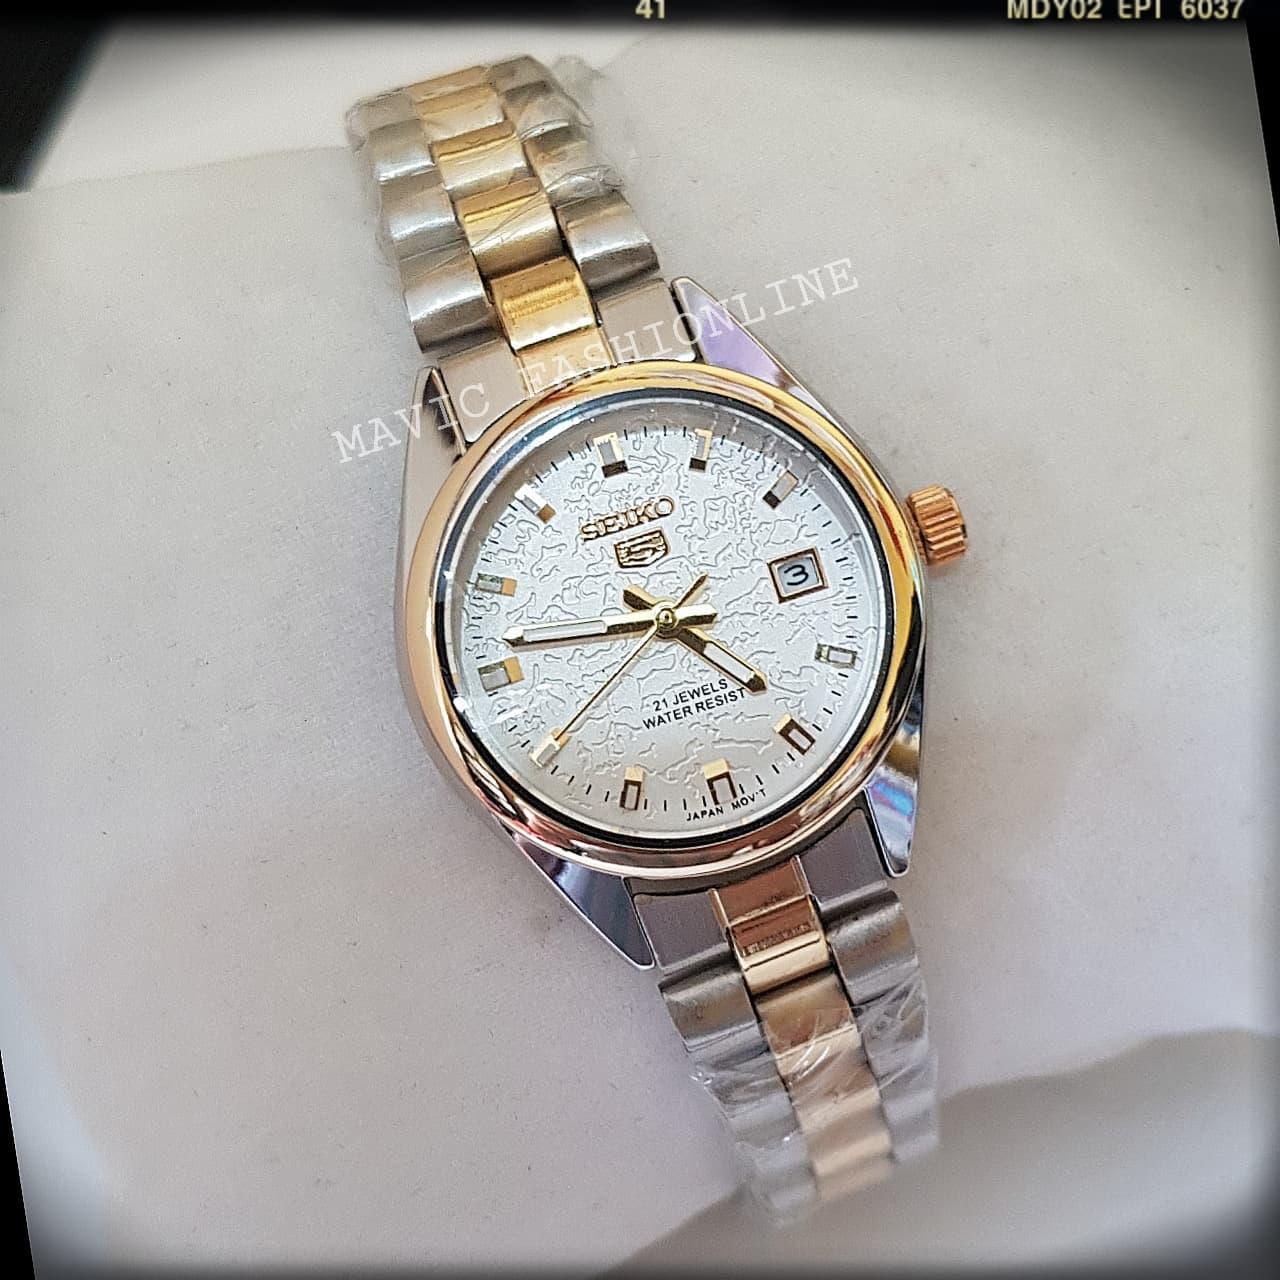 Seiko Philippines: Seiko price list - Seiko Watches for sale | Lazada